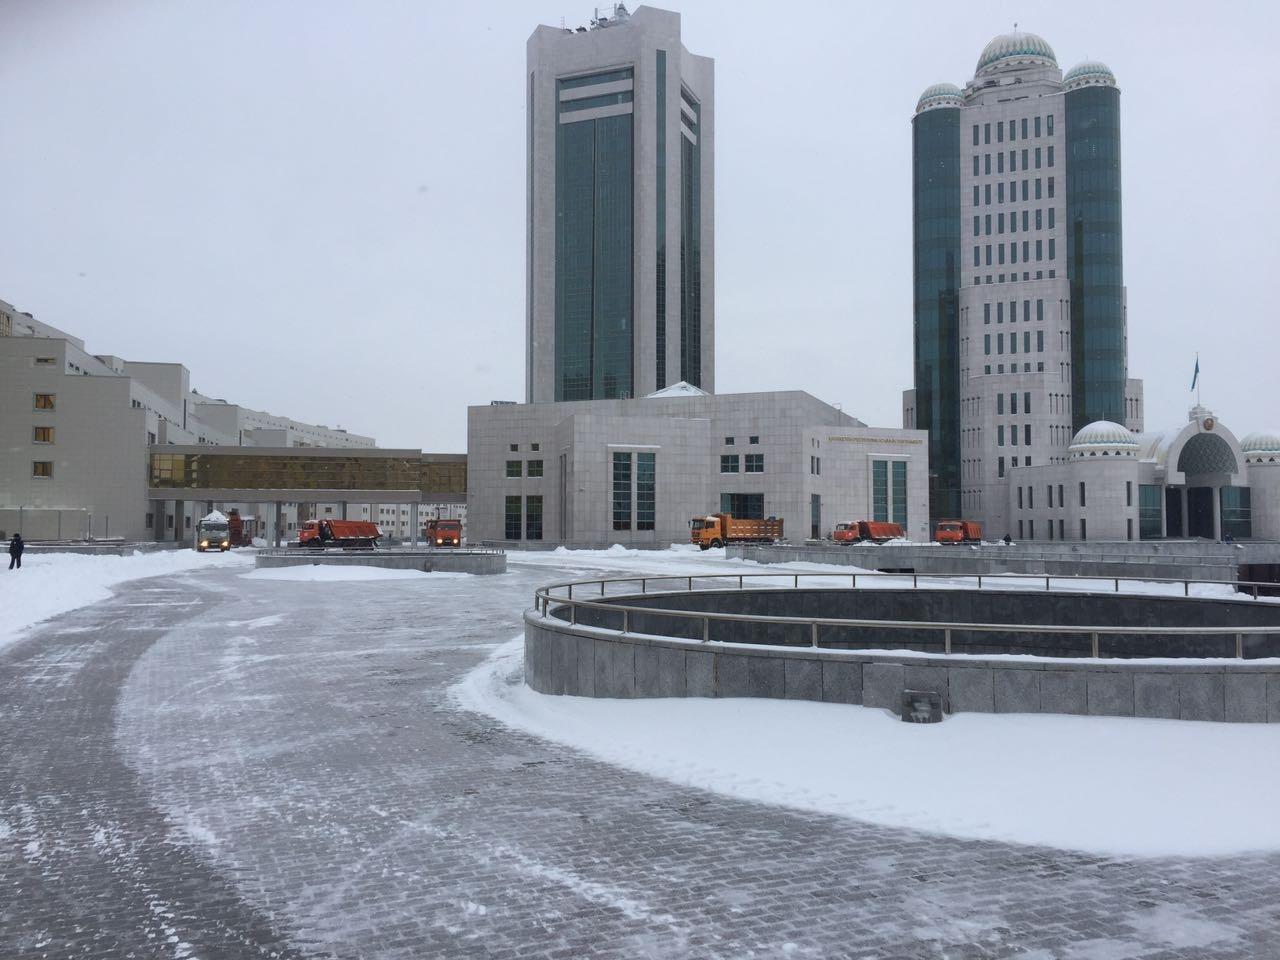 У здания Правительства сугробы расчищены идеально